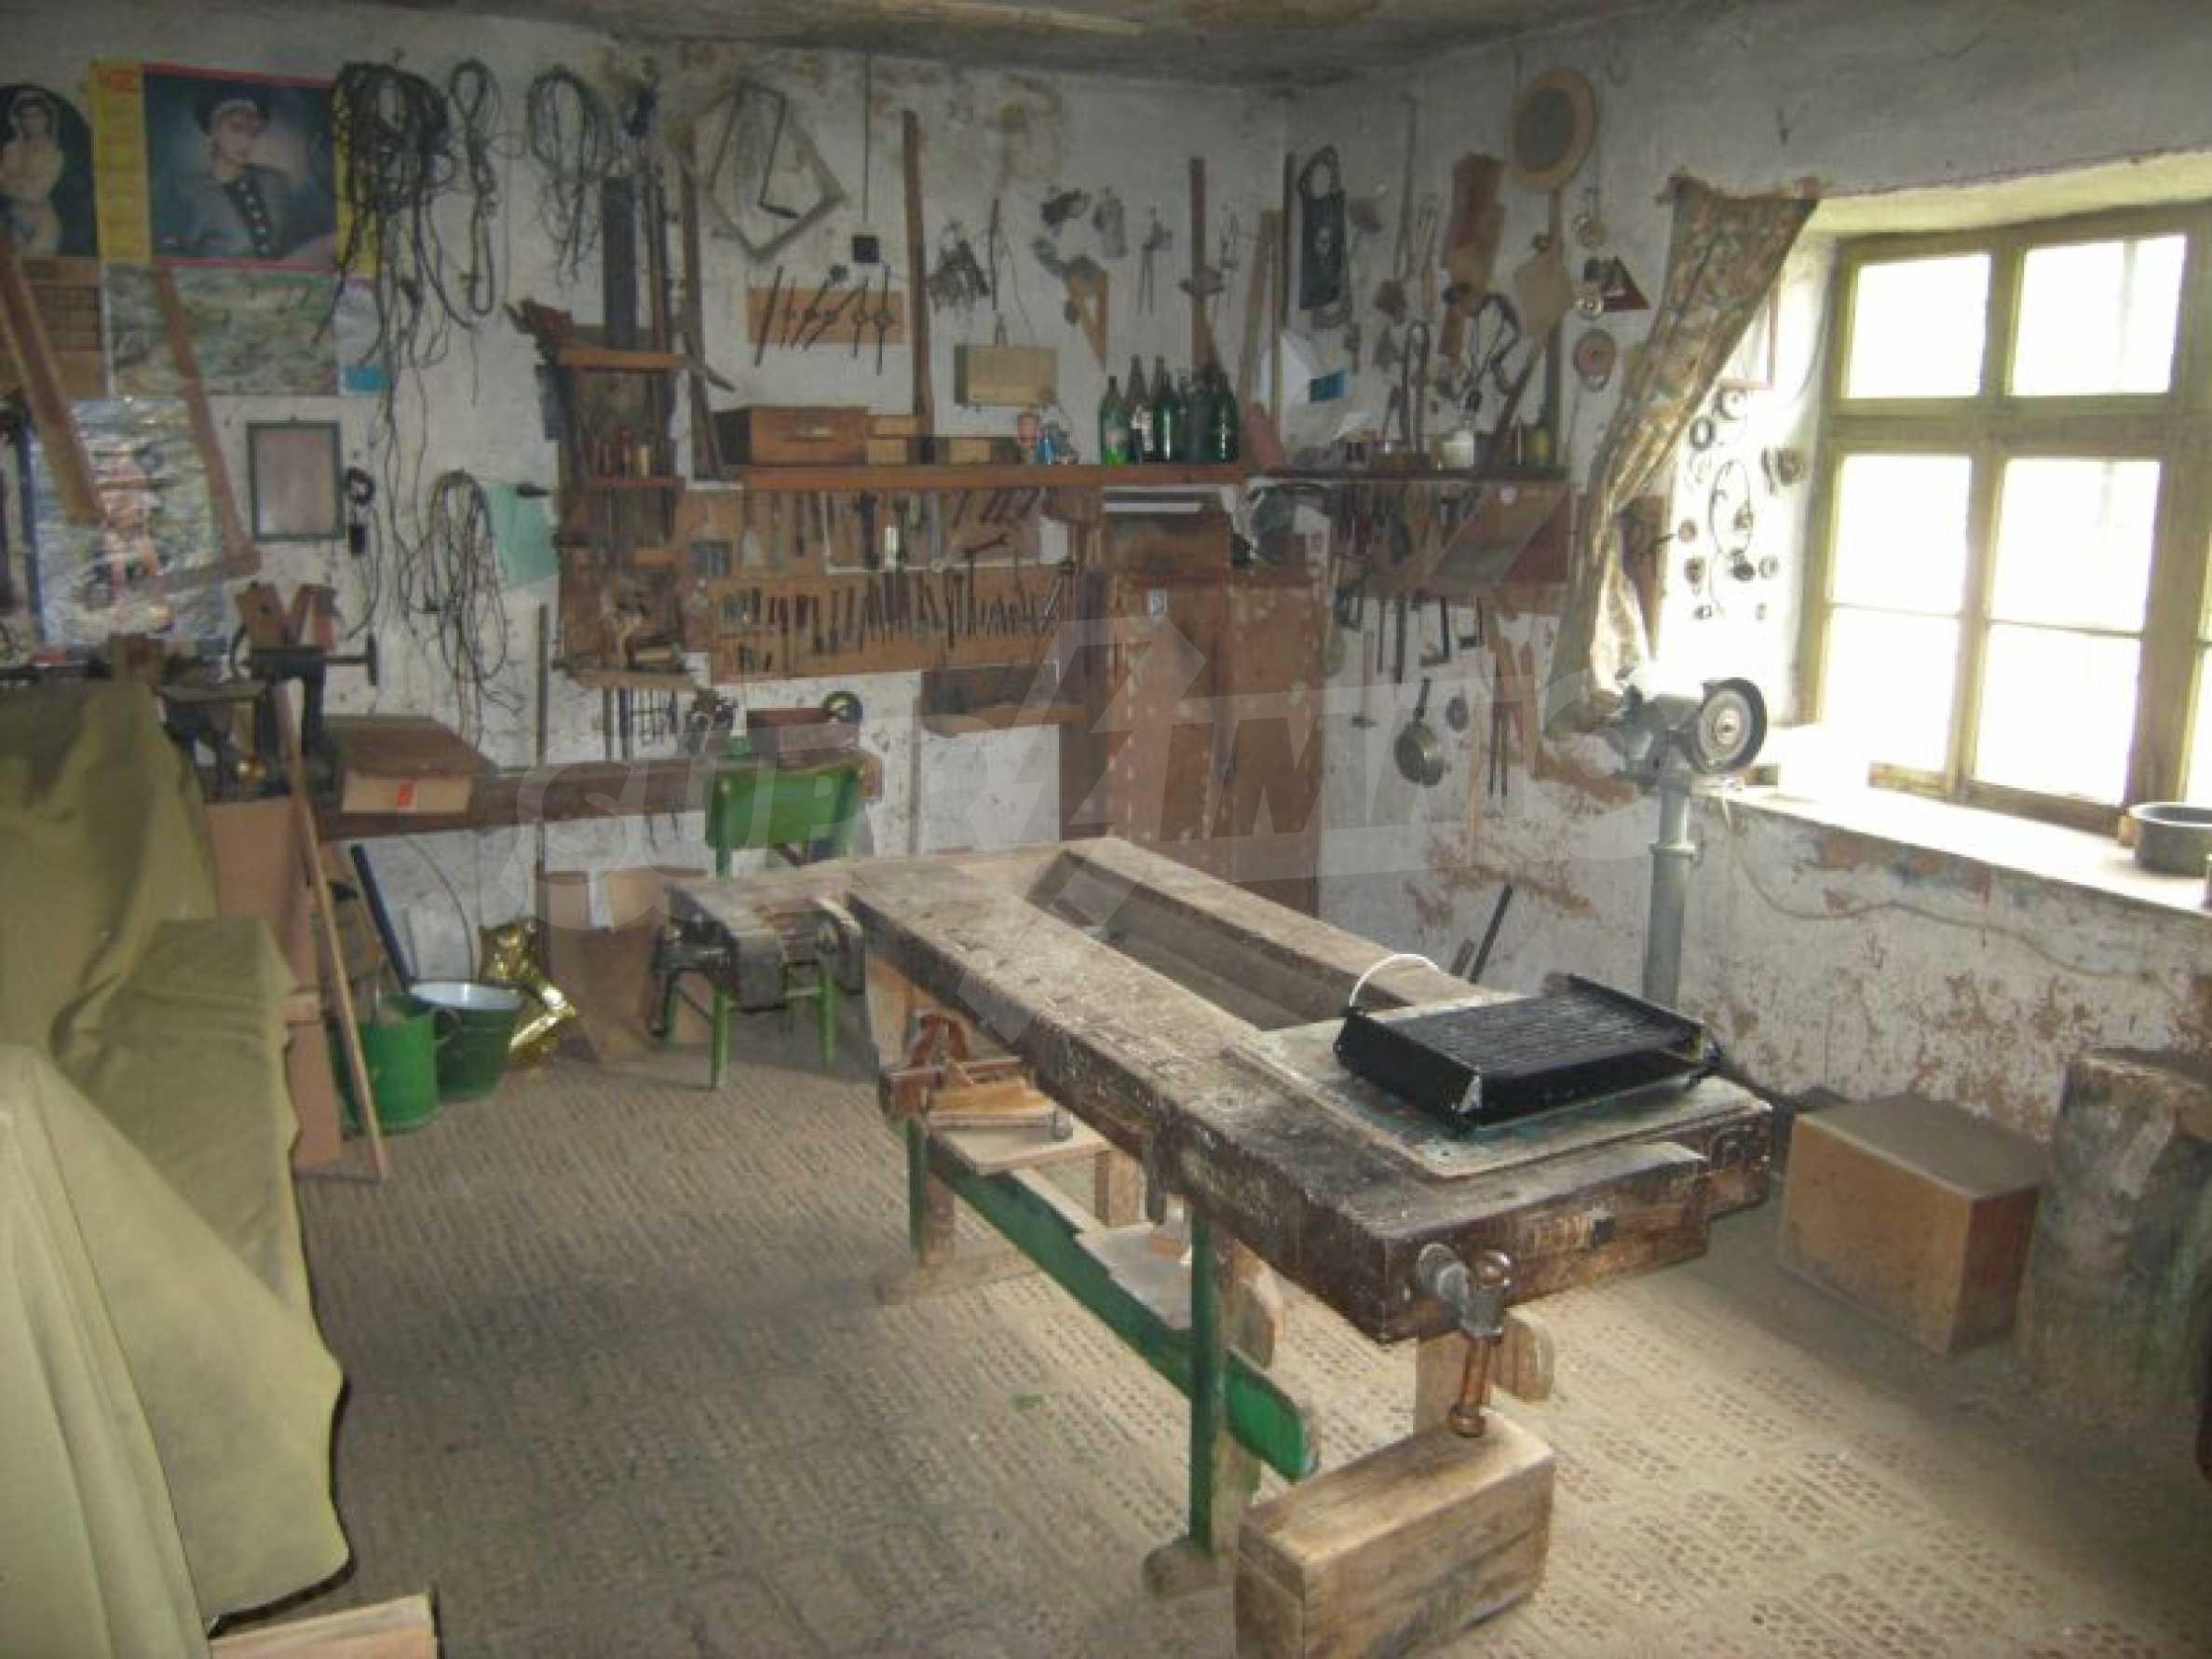 House for sale near Haskovo 10